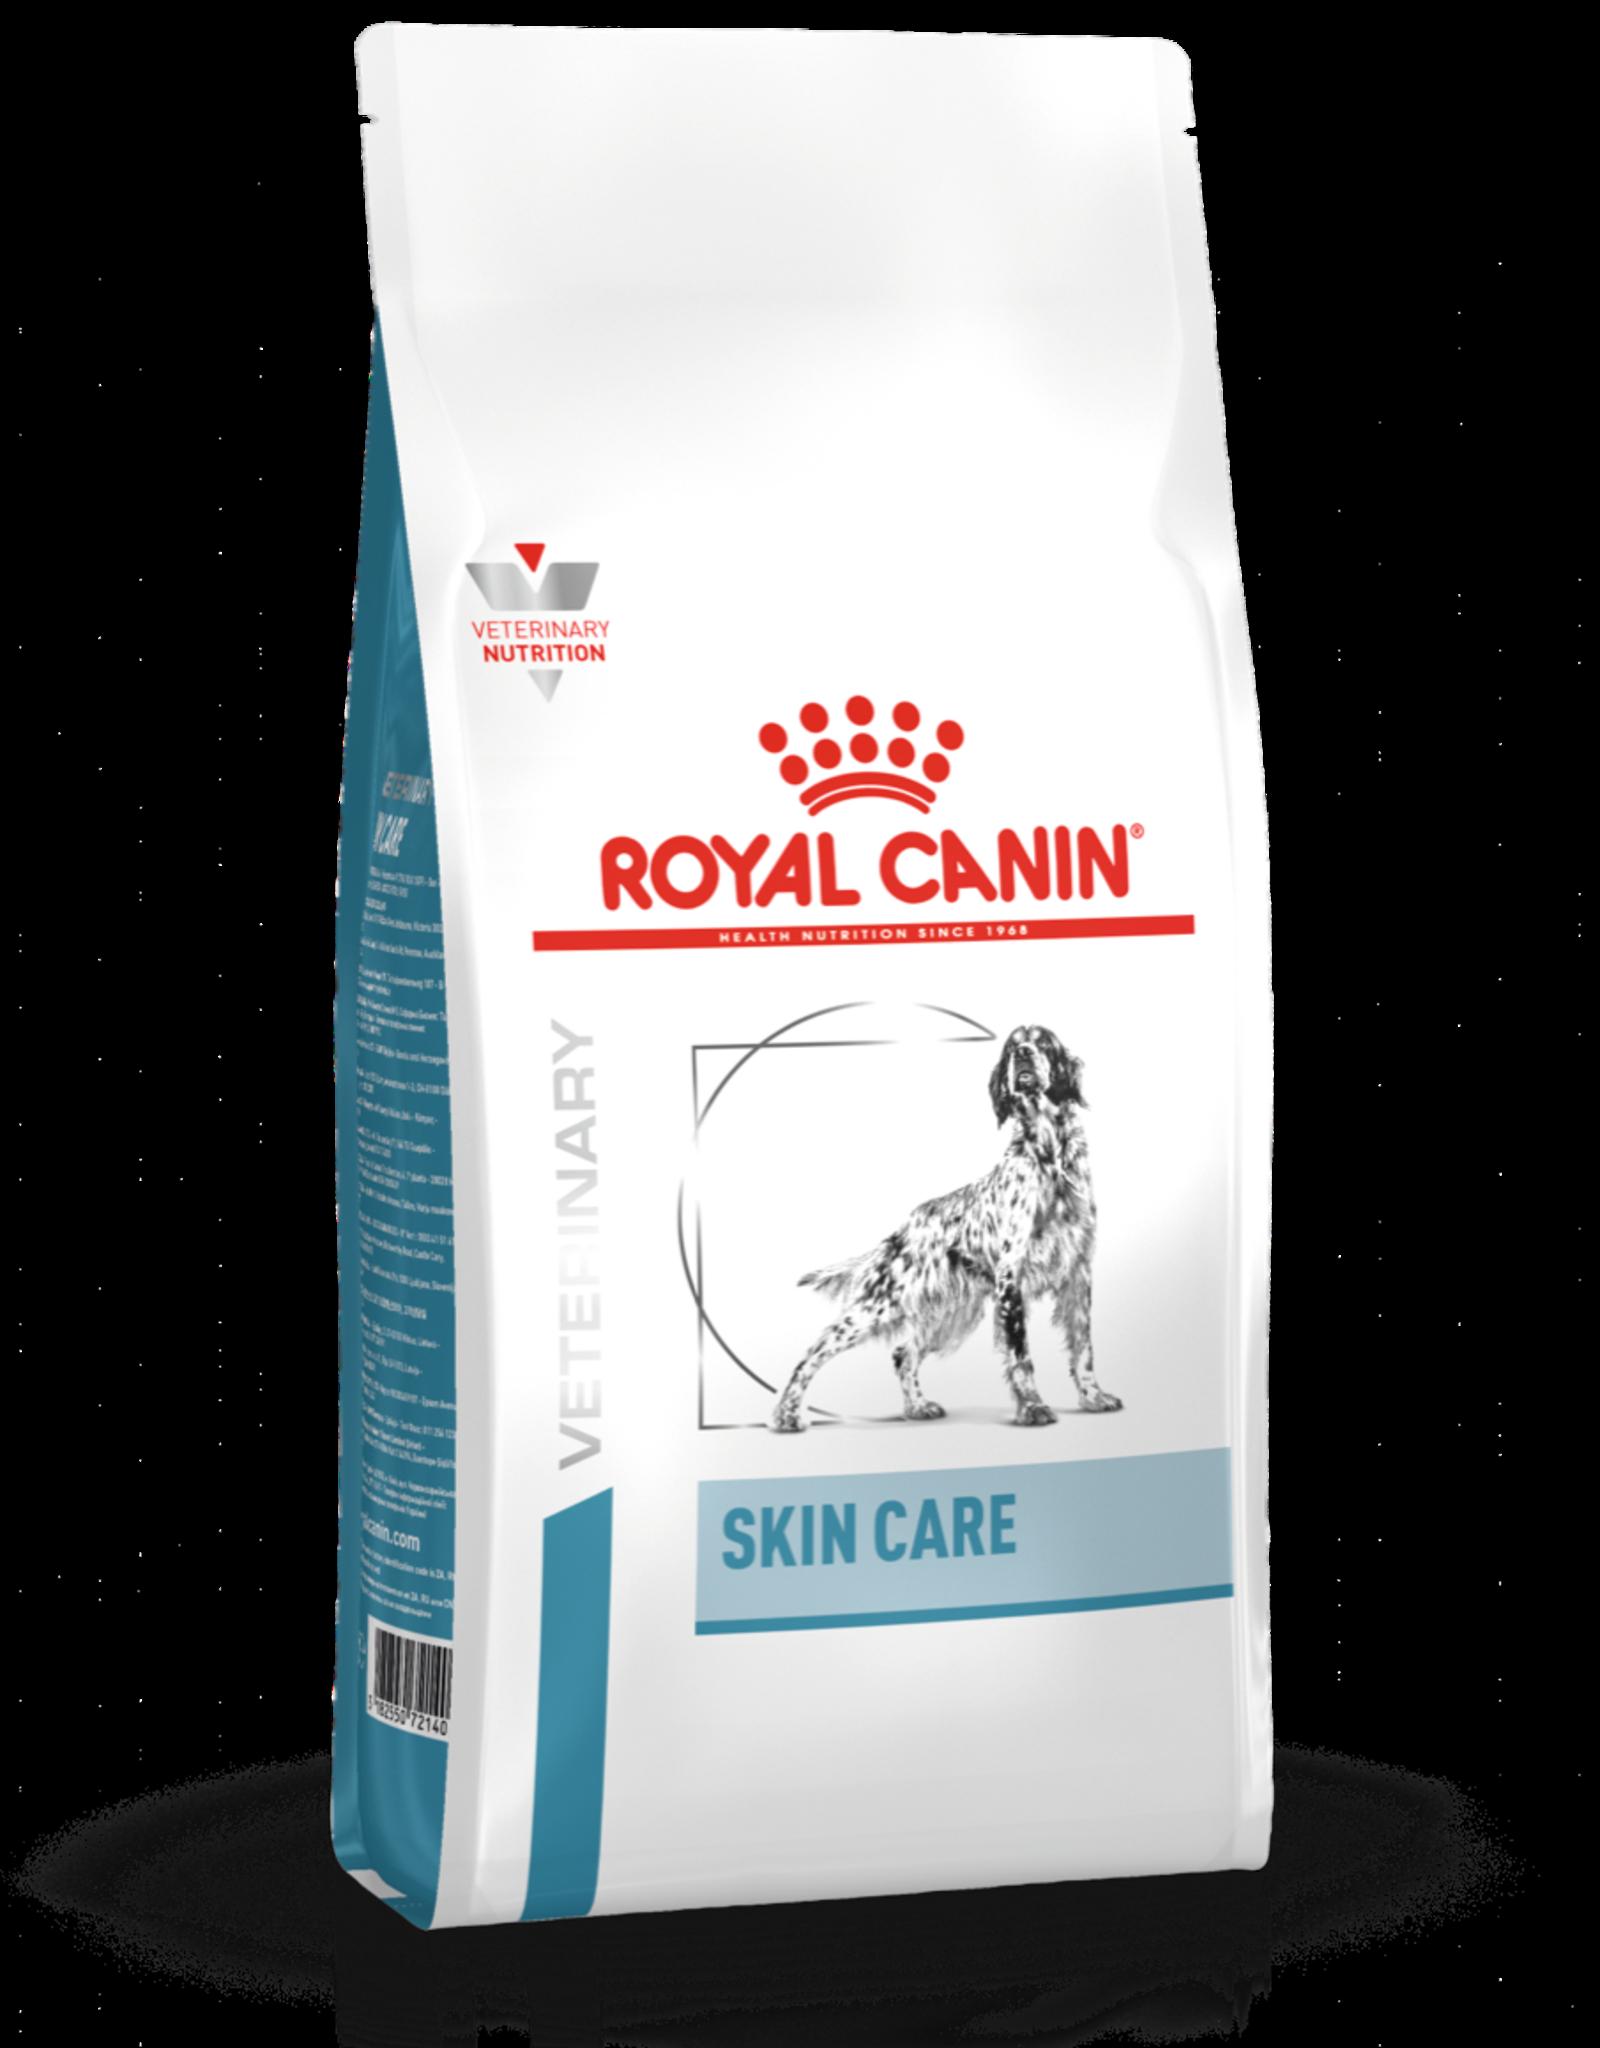 Royal Canin Royal Canin Skin Care Hund 2kg